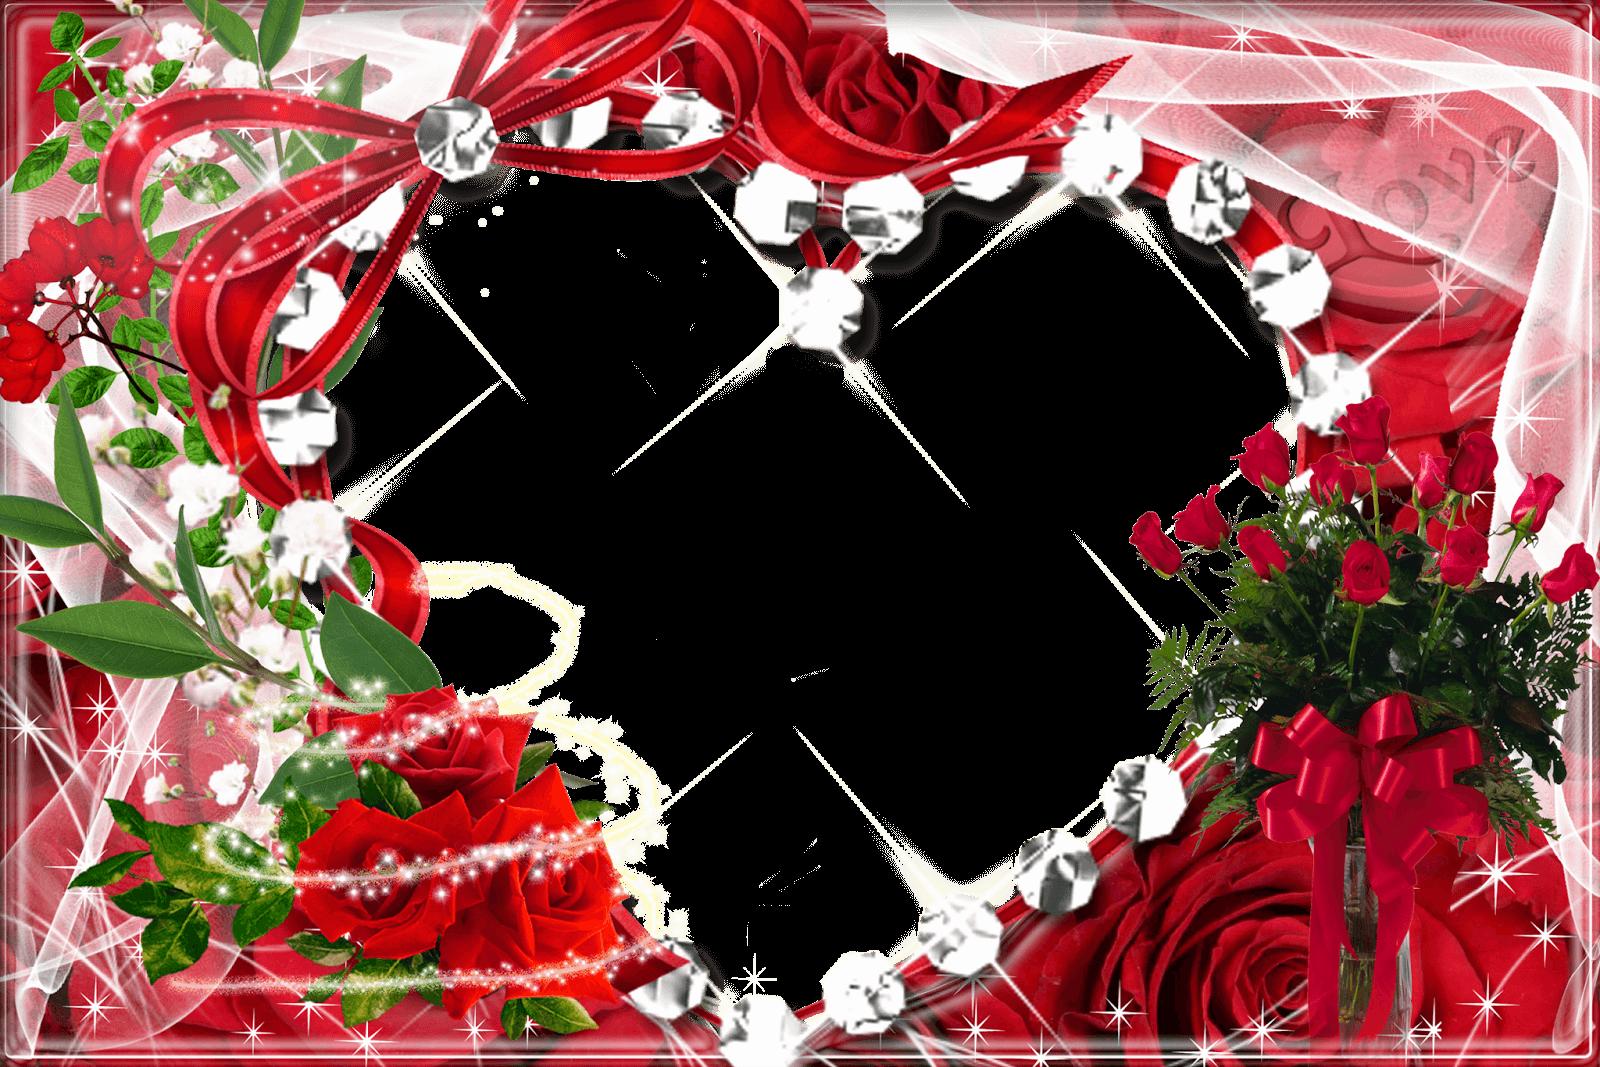 Marco de Foto con Forma de Corazón y Rosas | Descargar Marcos